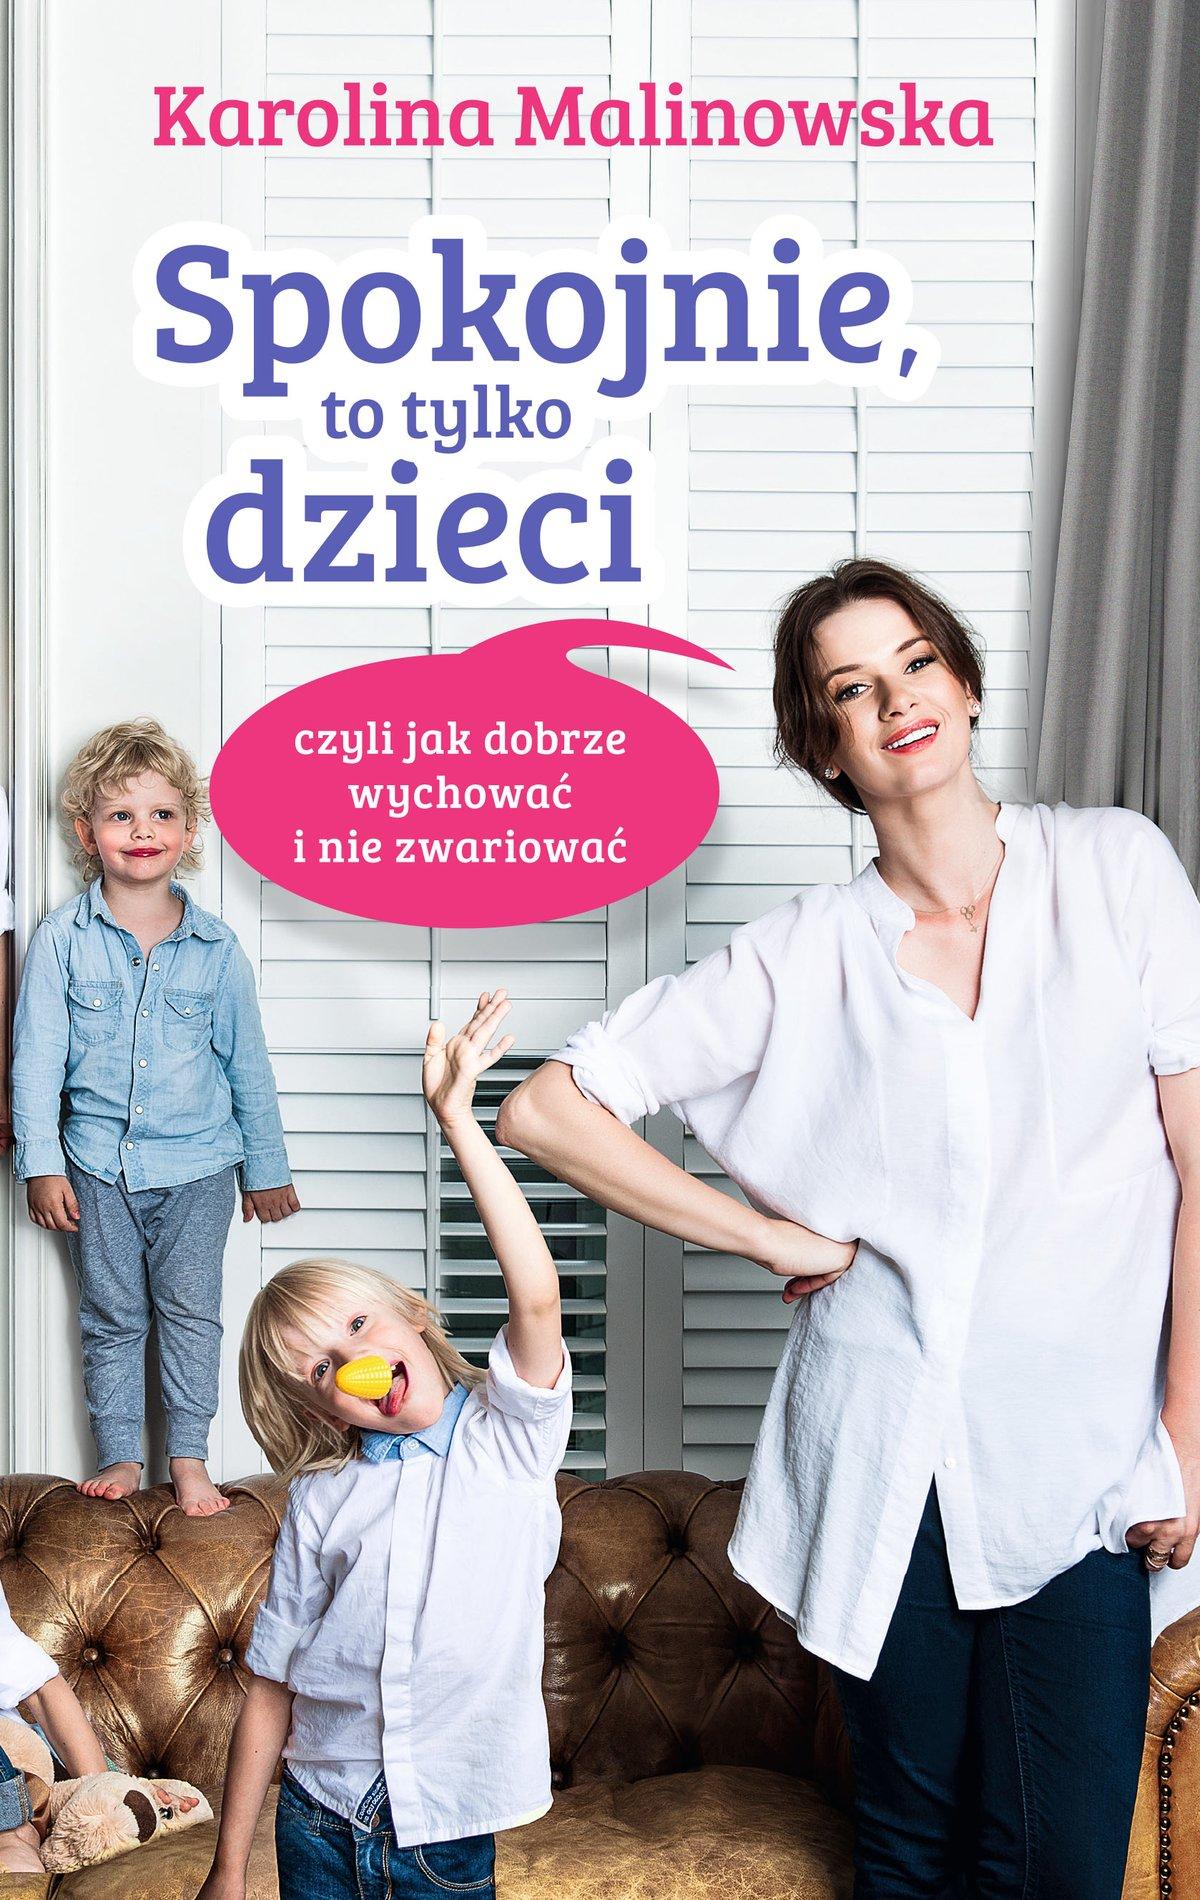 Spokojnie, to tylko dzieci czyli jak dobrze wychować i nie zwariować - Ebook (Książka EPUB) do pobrania w formacie EPUB